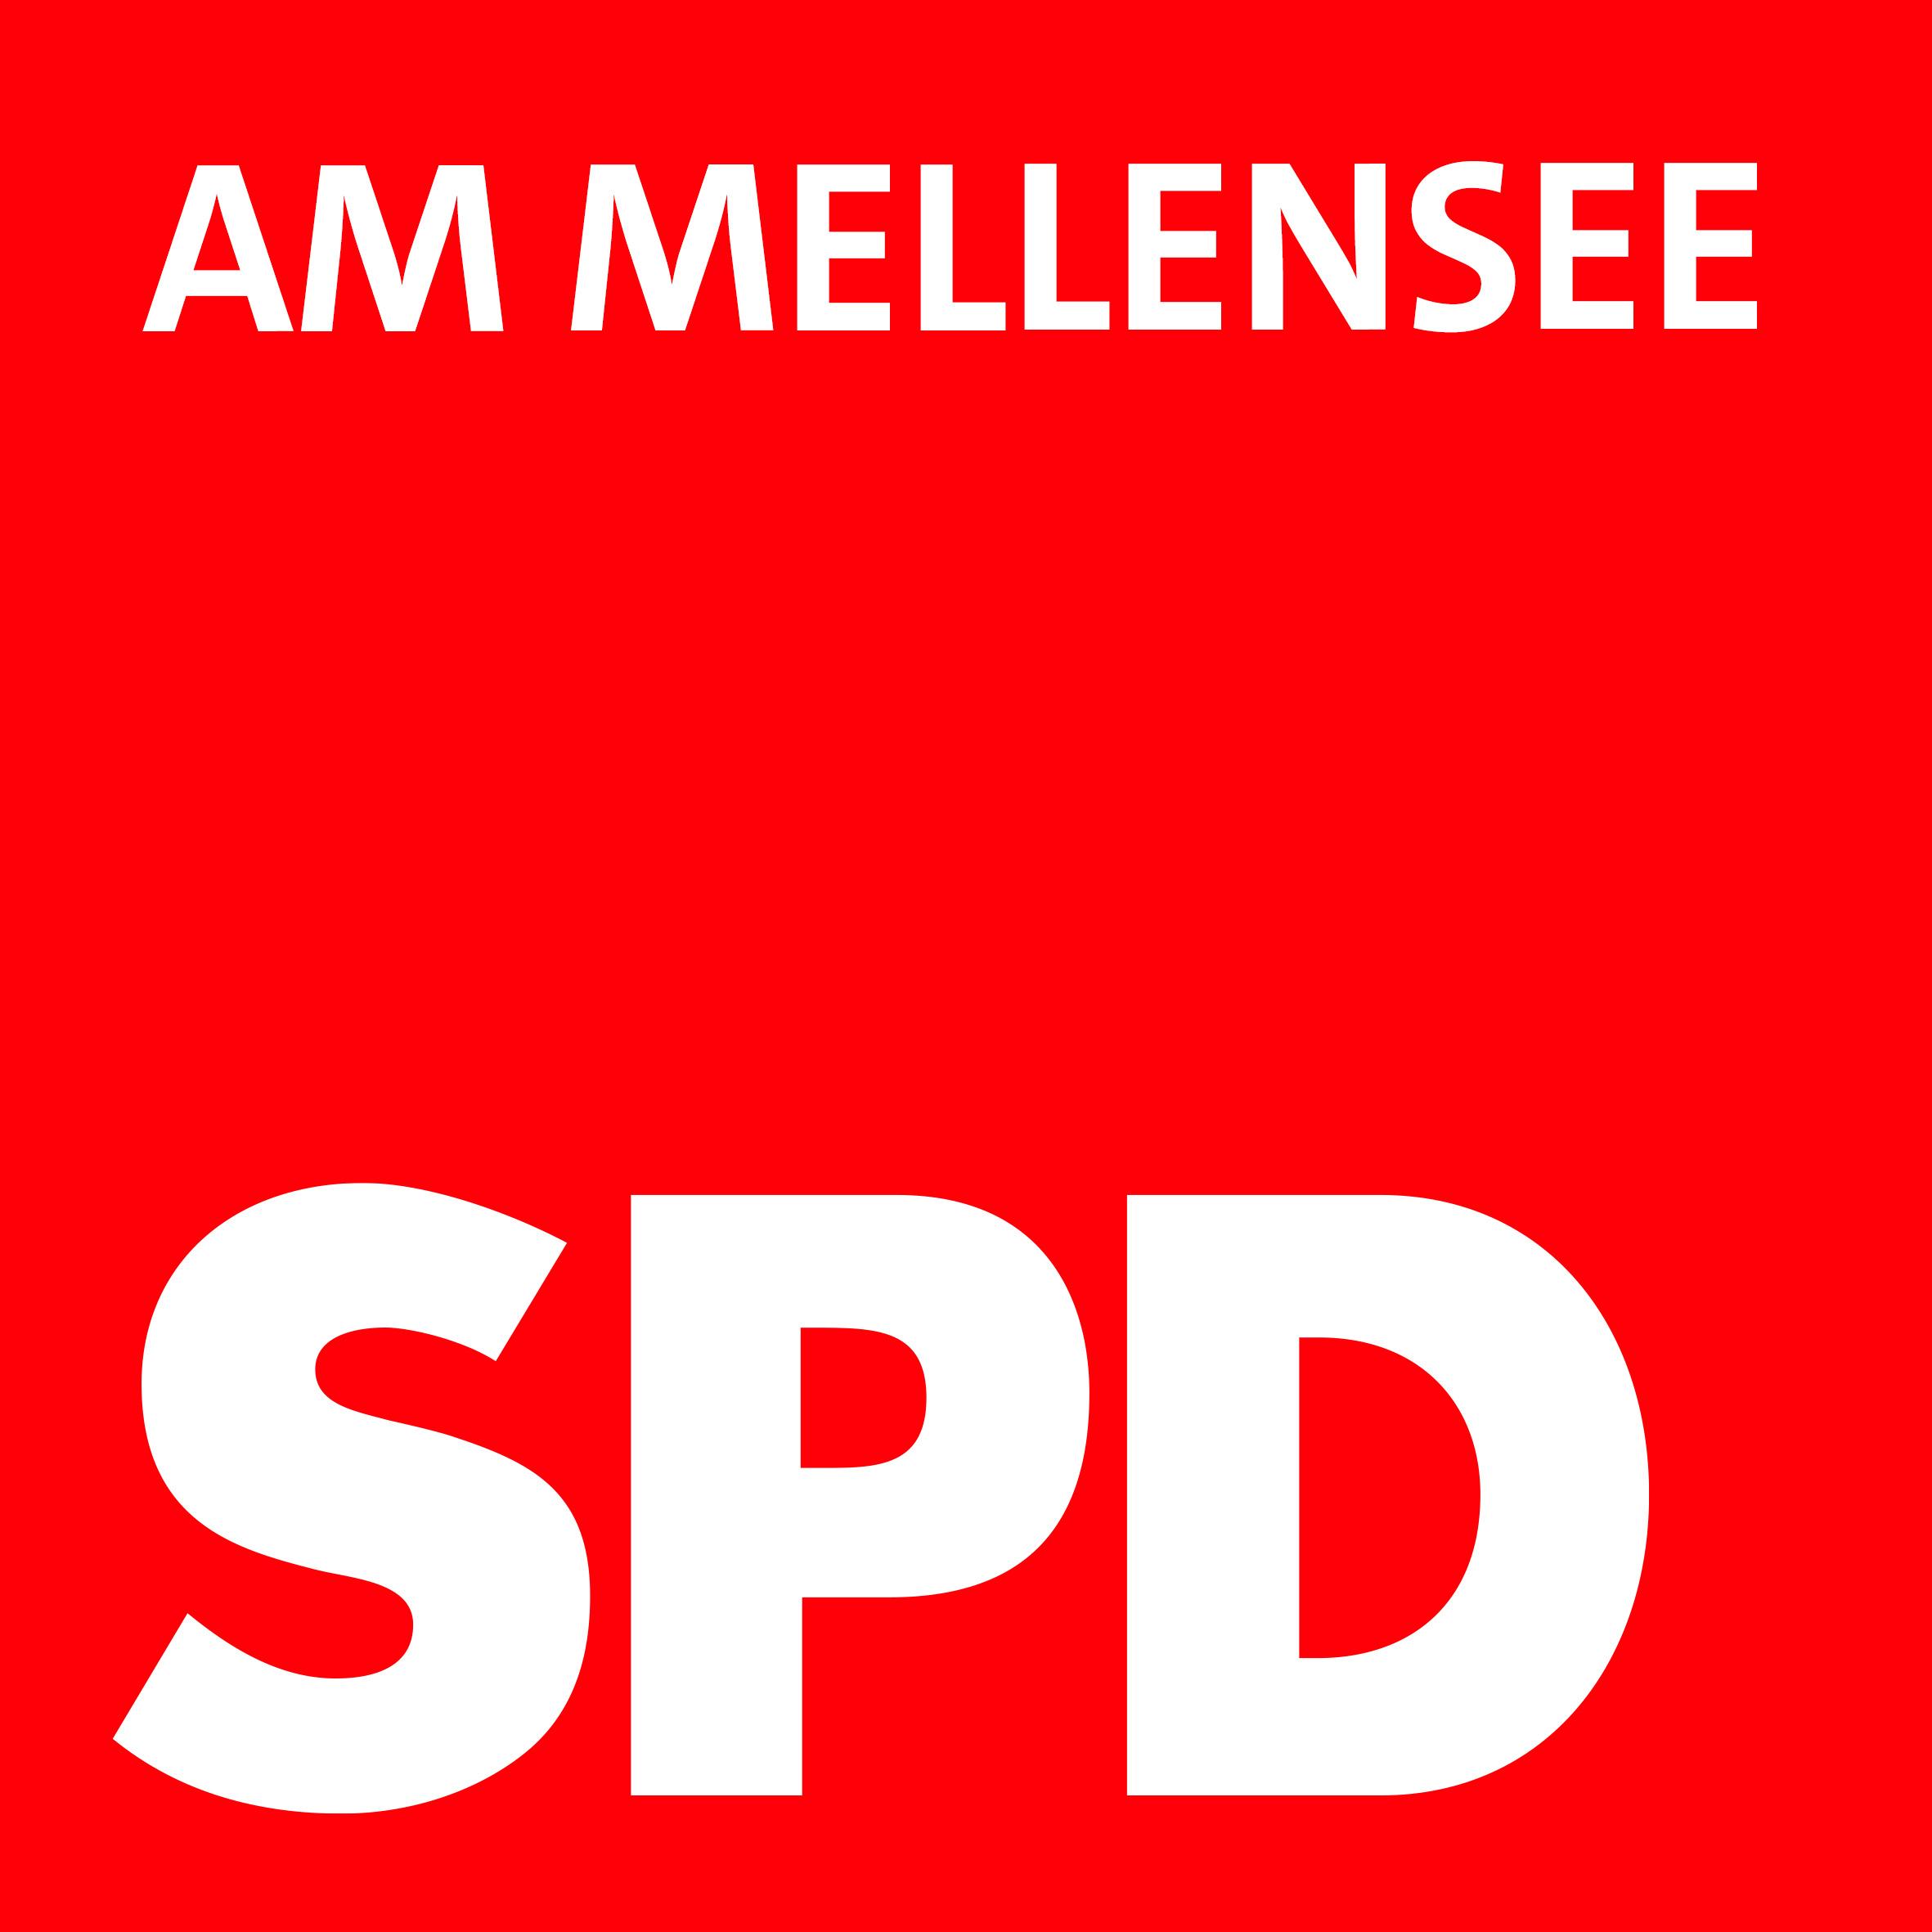 SPD Am Mellensee